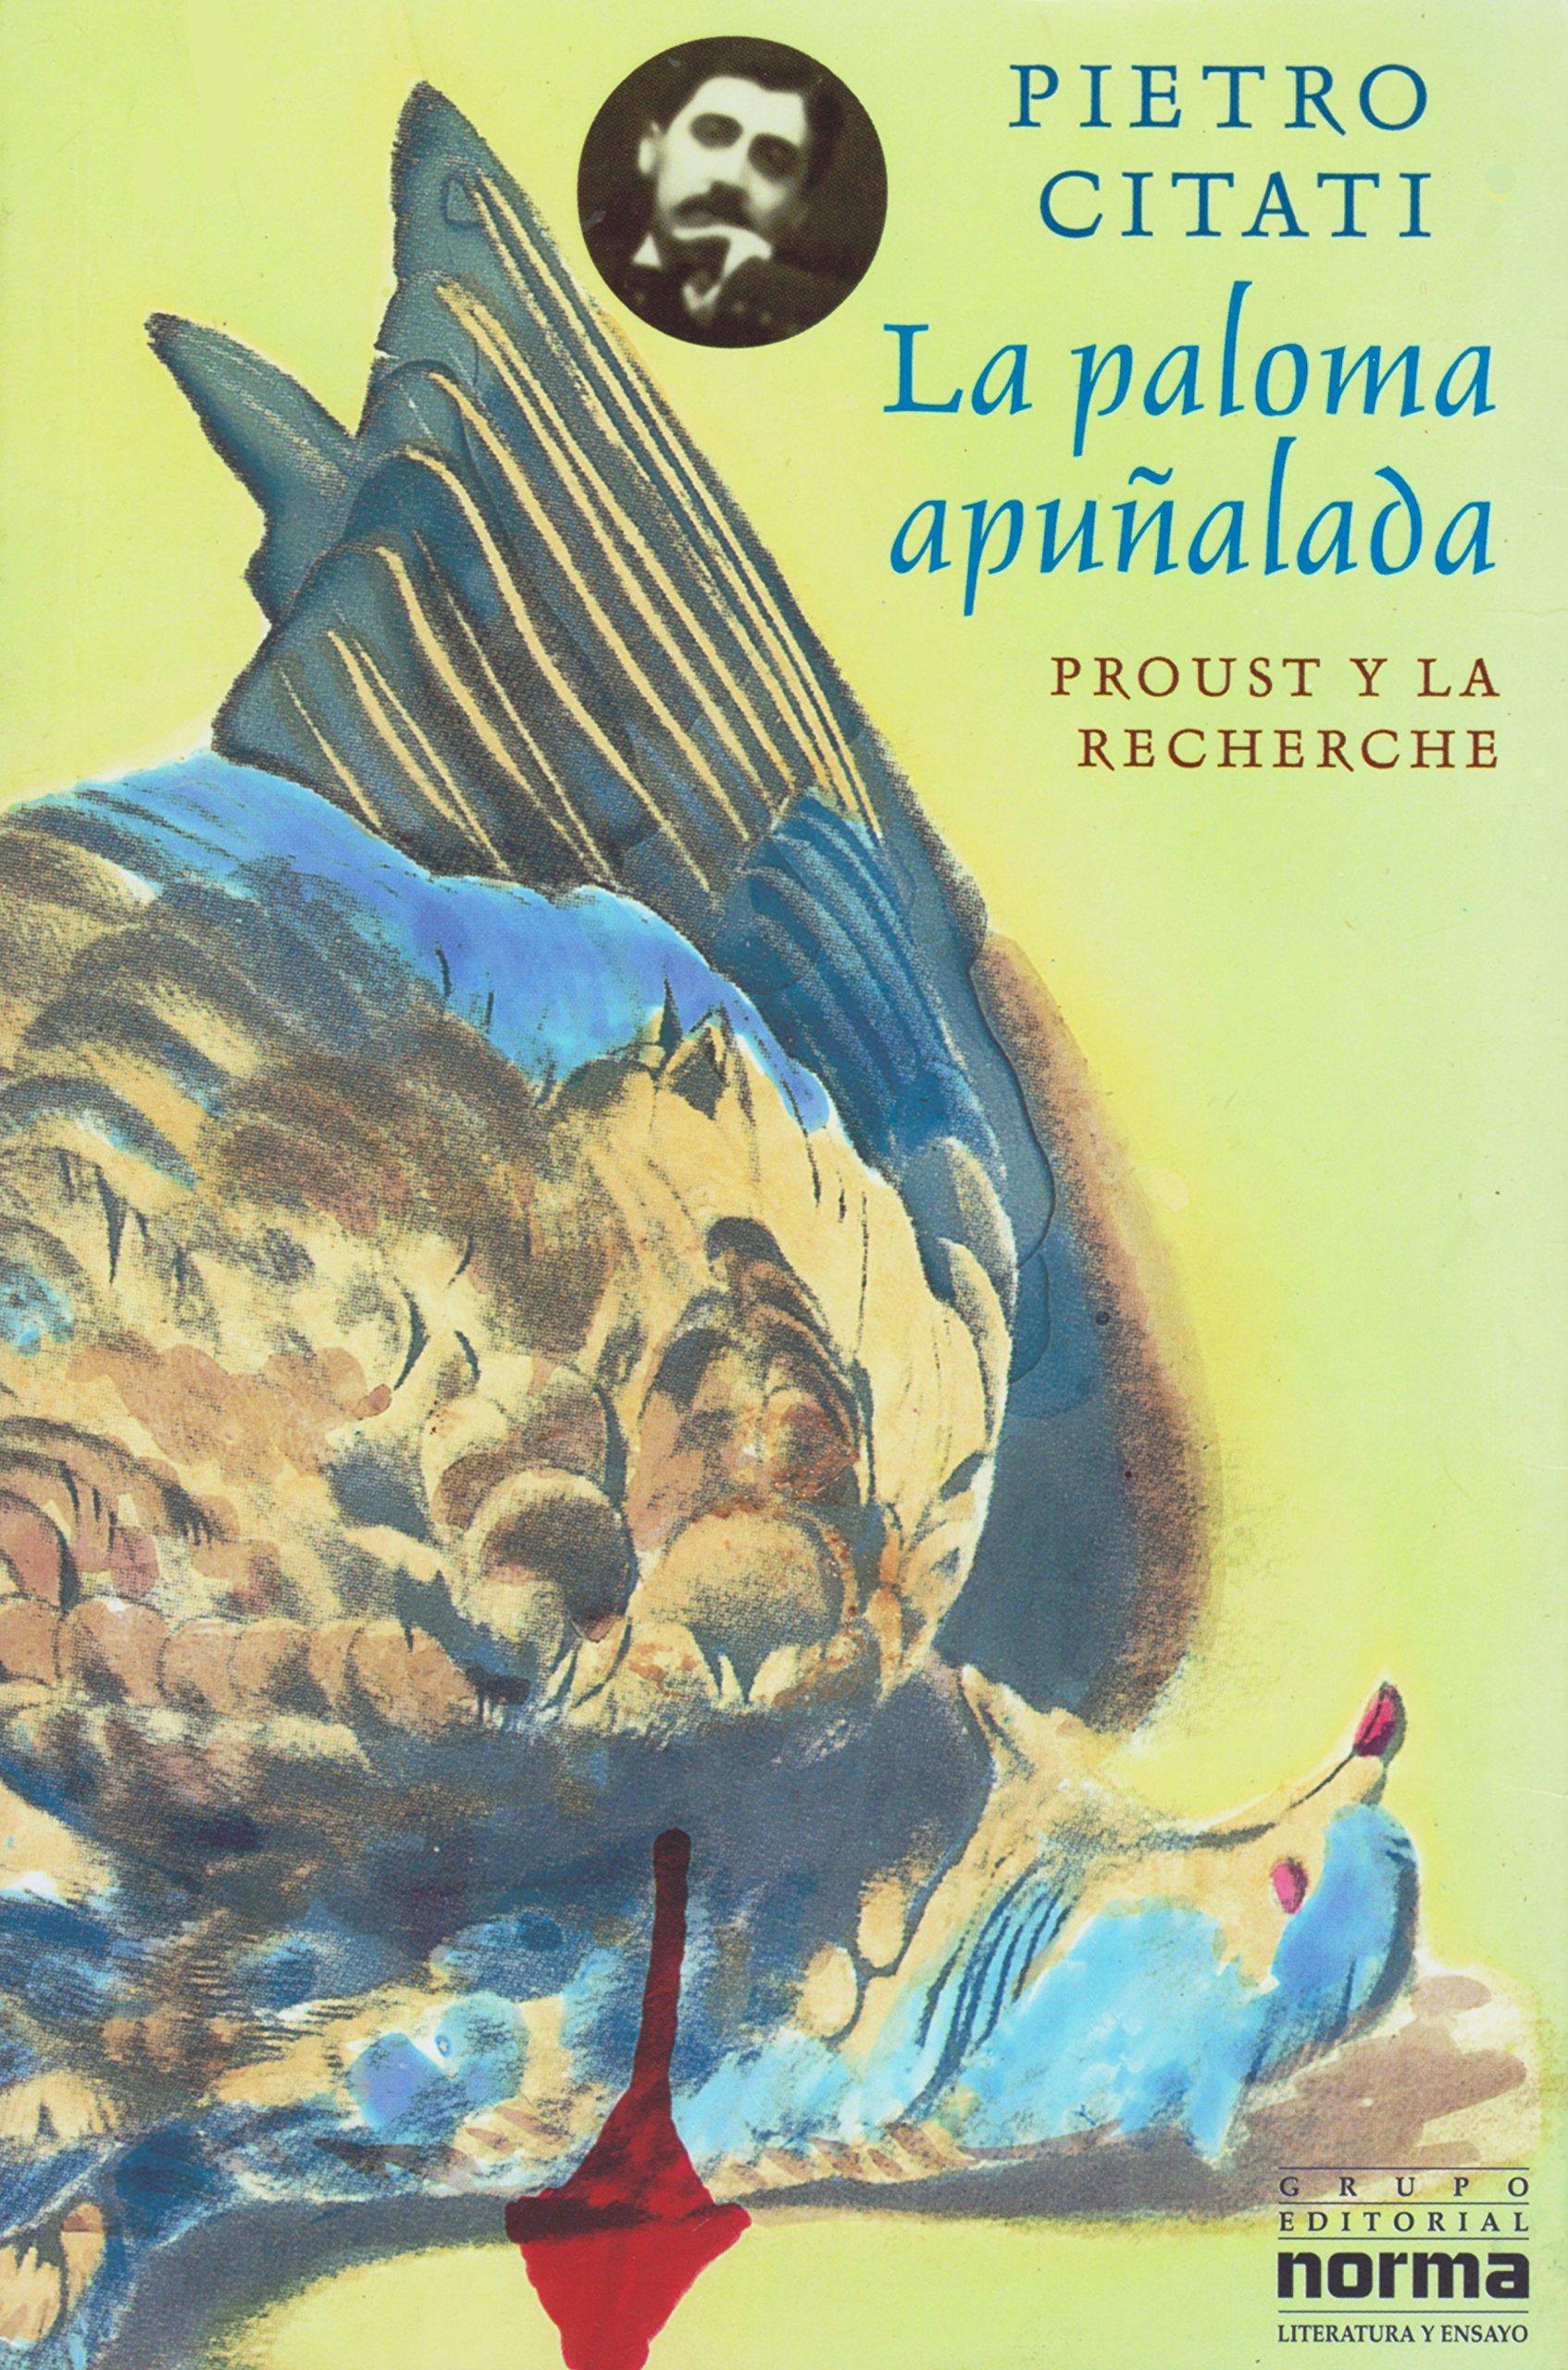 La Paloma Apunalada: Proust y la Recherche (Spanish Edition): Pietro Citati, Guillermo Piro: 9789580434436: Amazon.com: Books